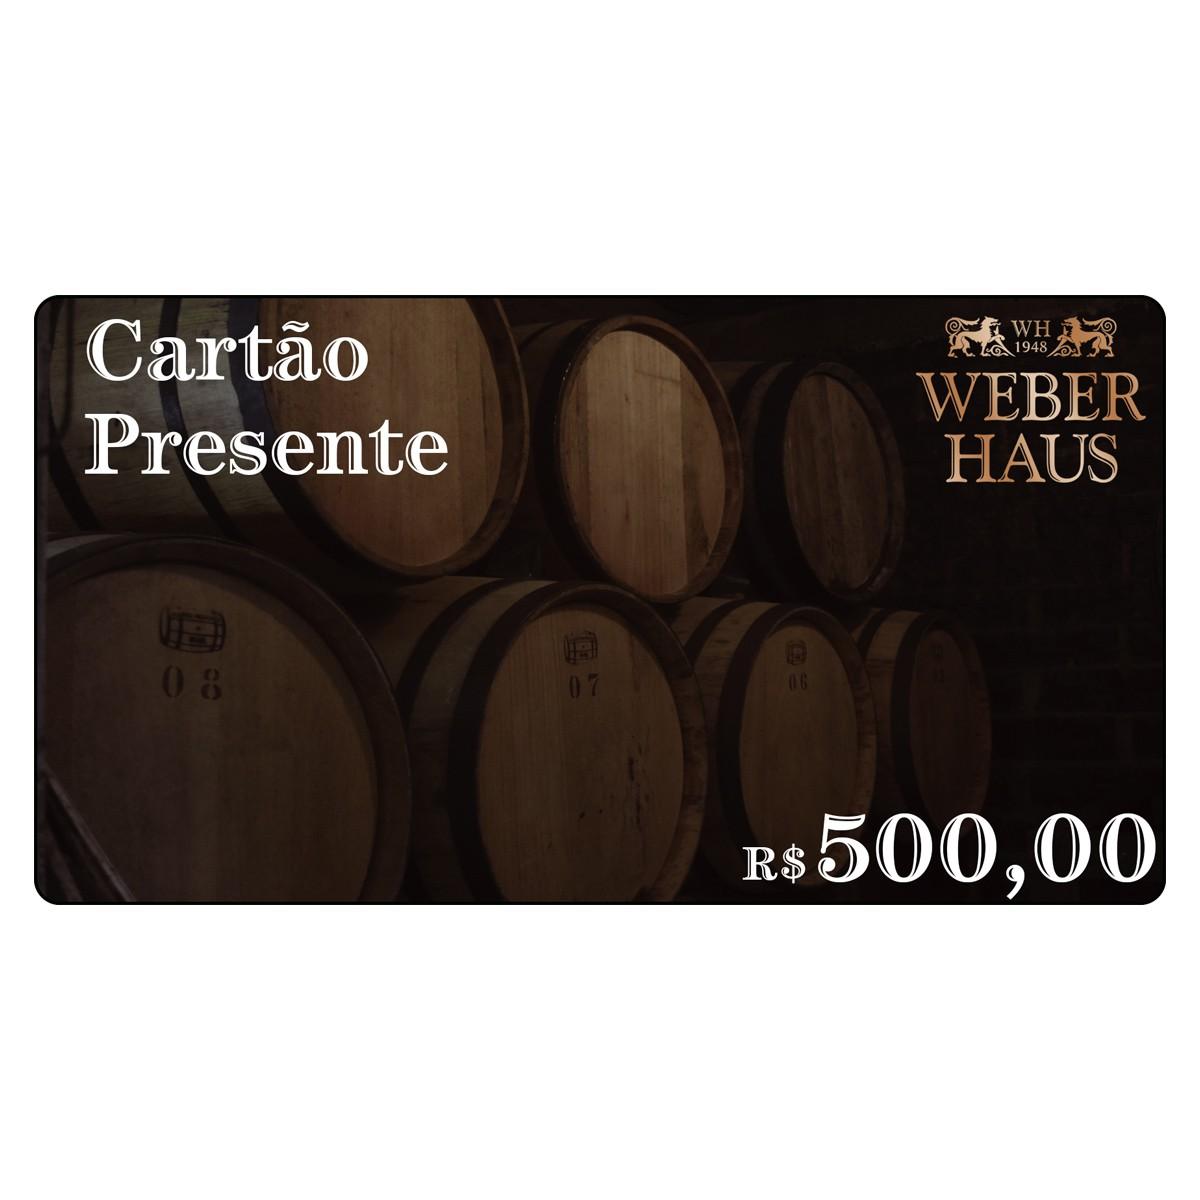 Cartão Presente no Valor de R$500,00